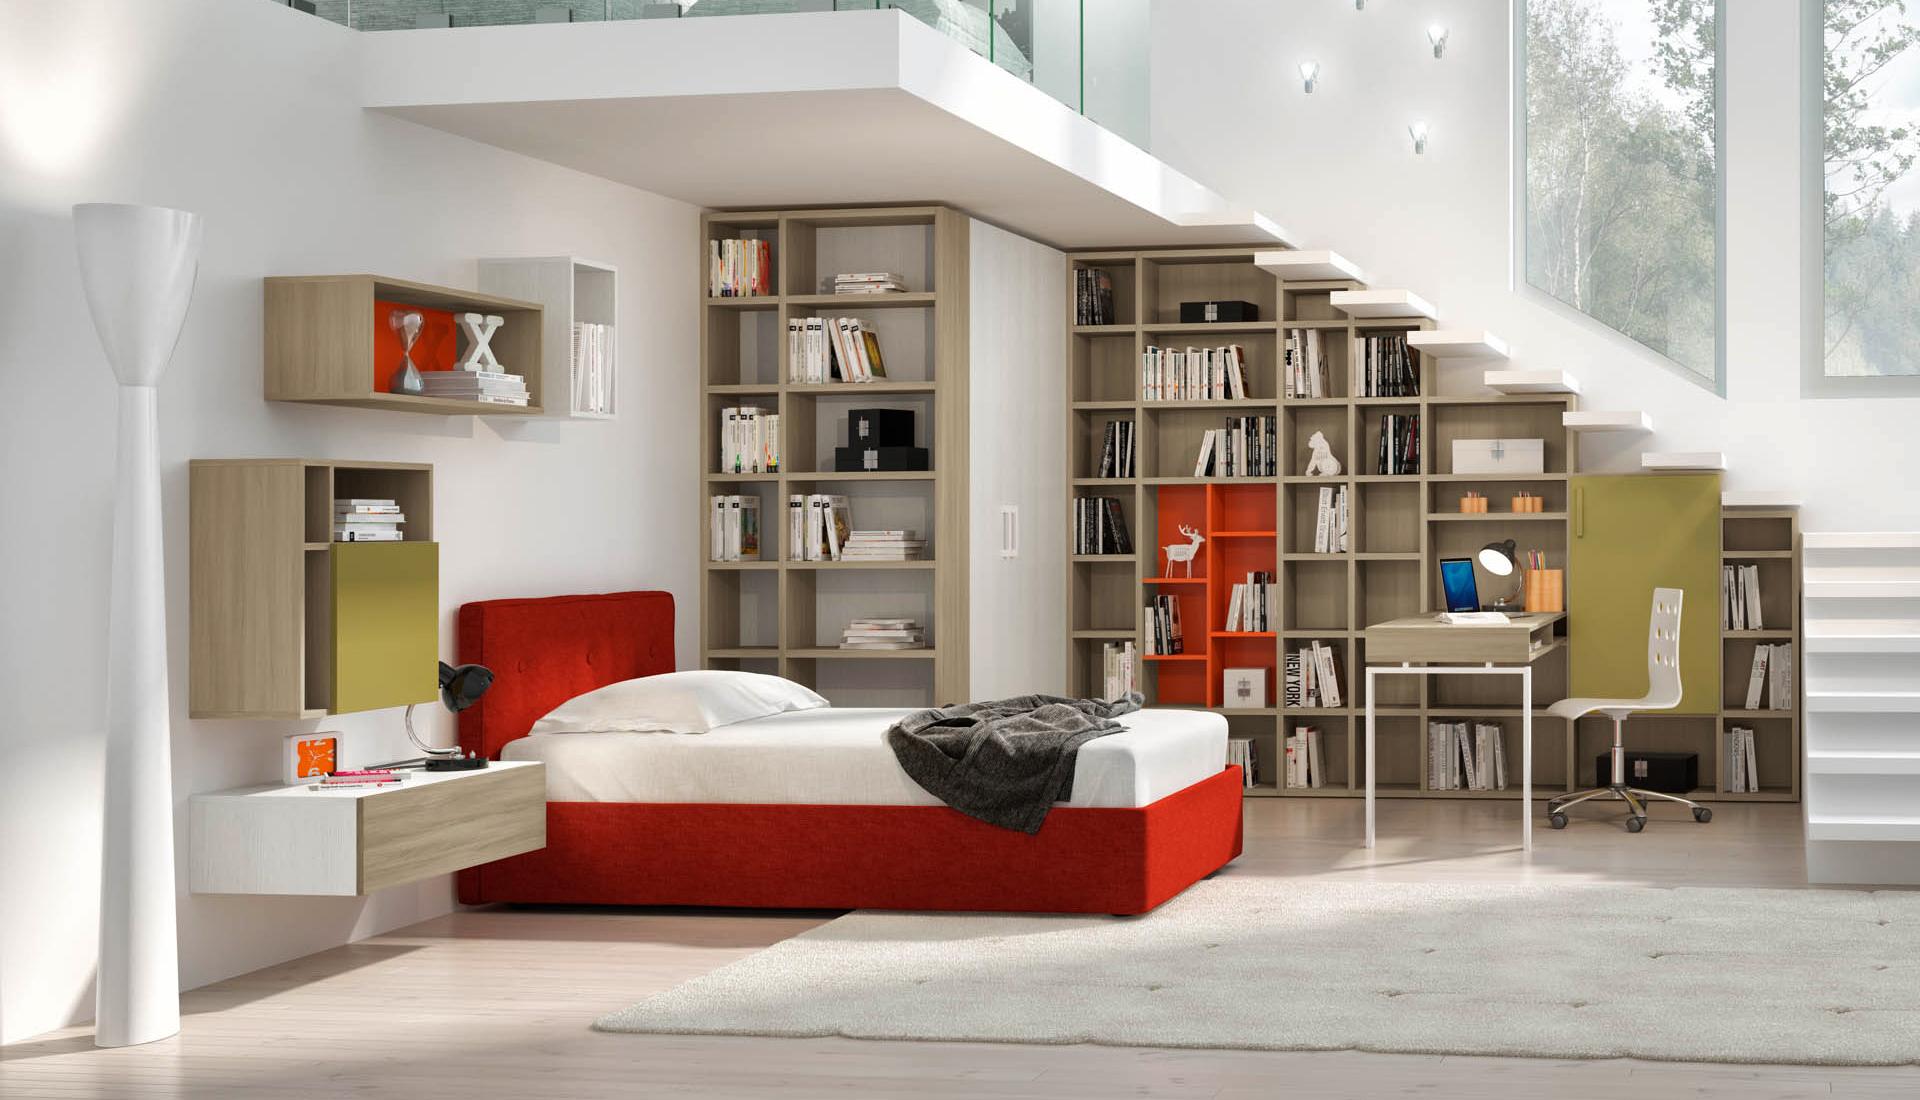 rivenditore camerette ferri mobili salento